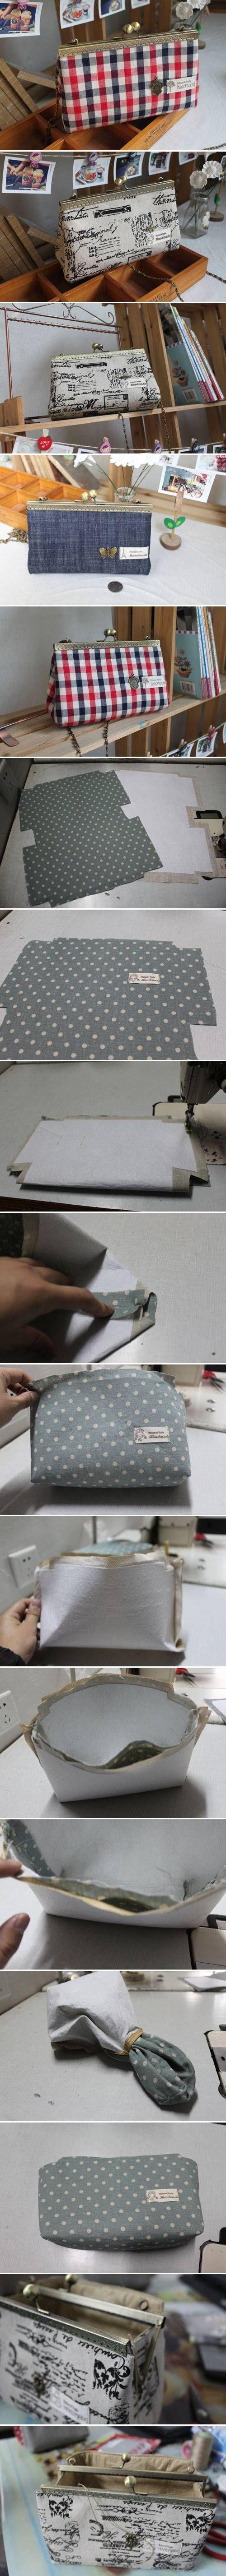 DIY Simple Handbag